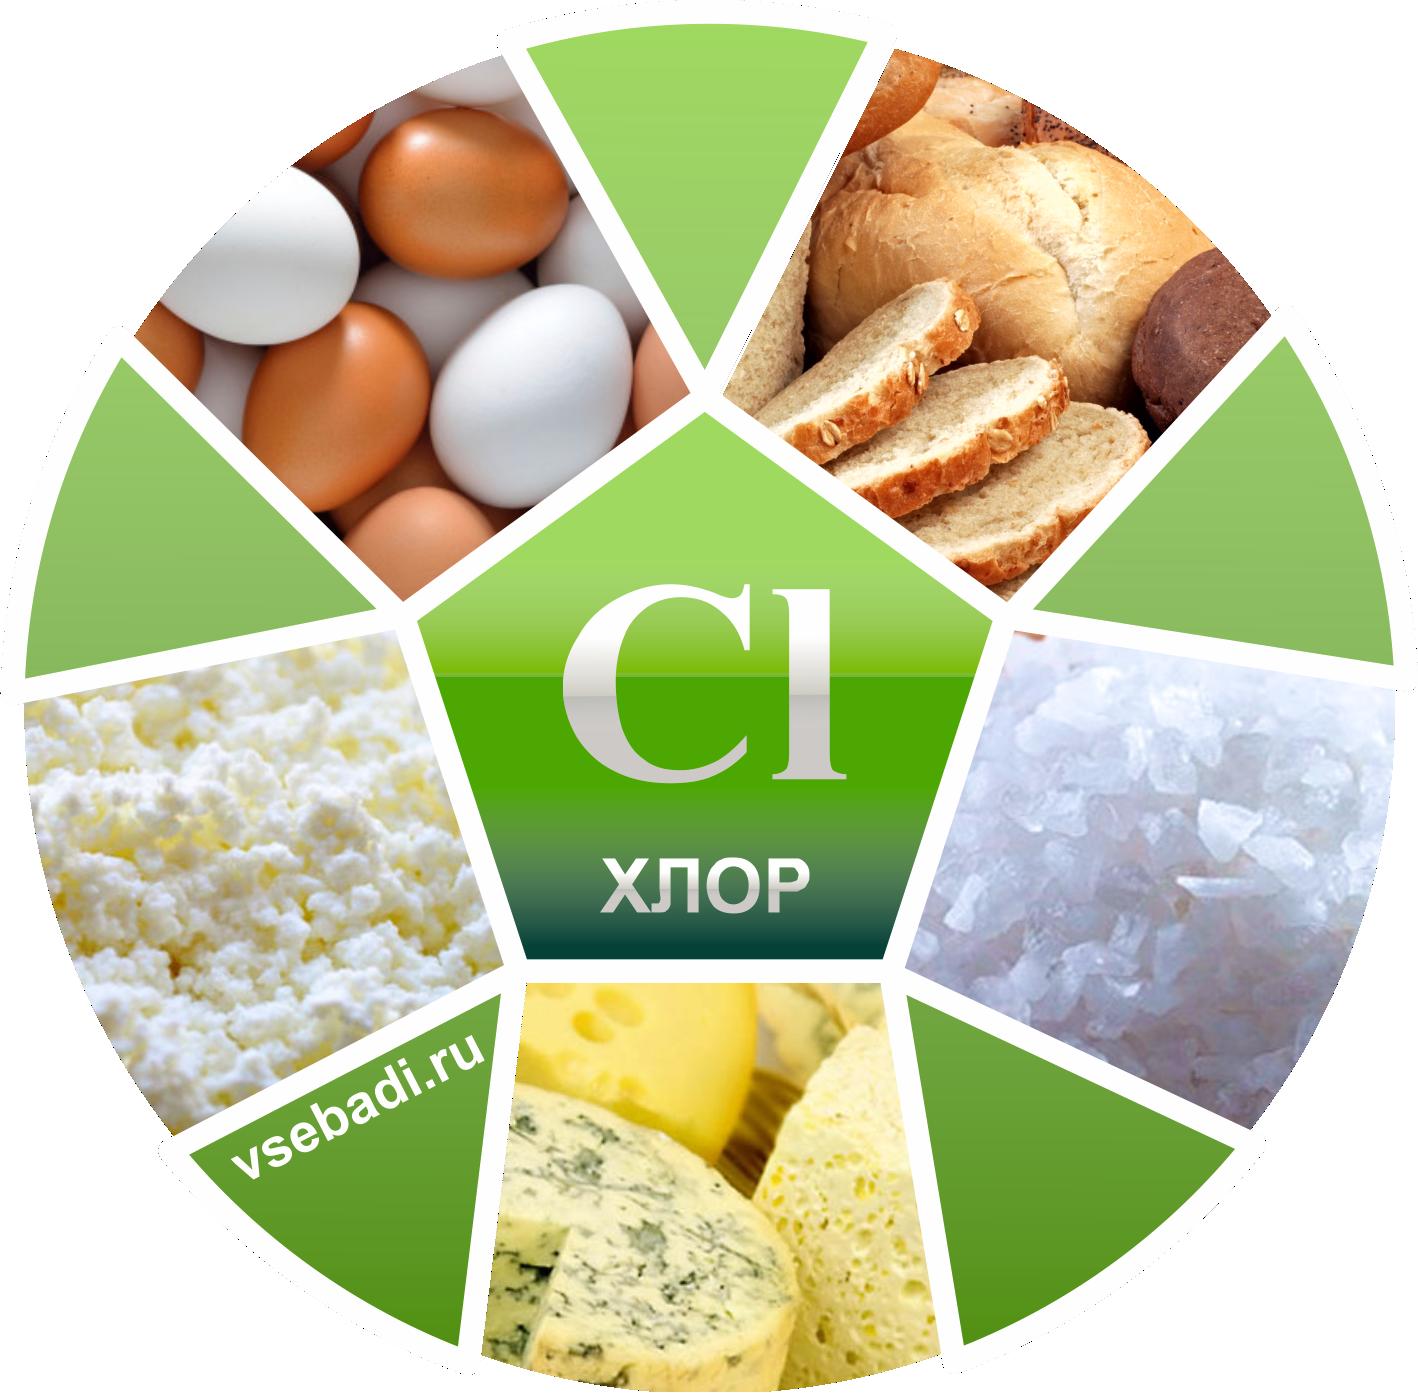 Картинки по запросу хлор химический элемент